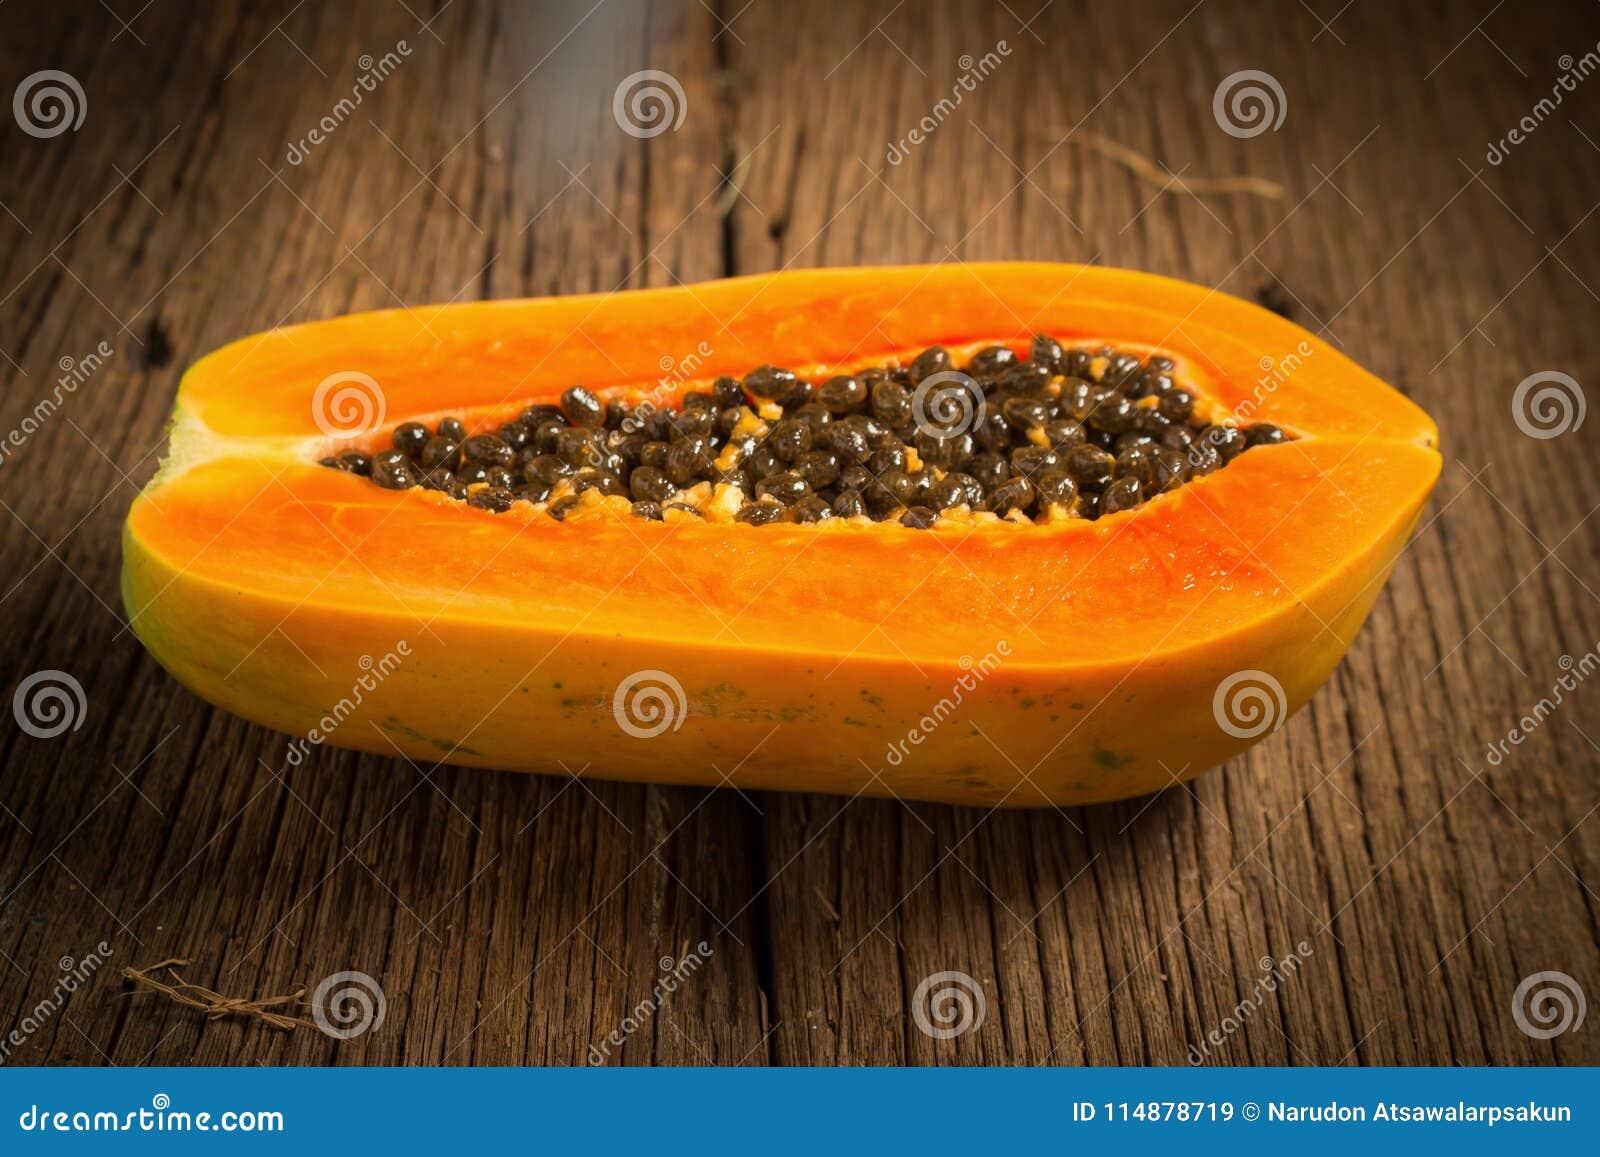 papaya fruit. half. seed. old wooden. moring. sunset. art. asian